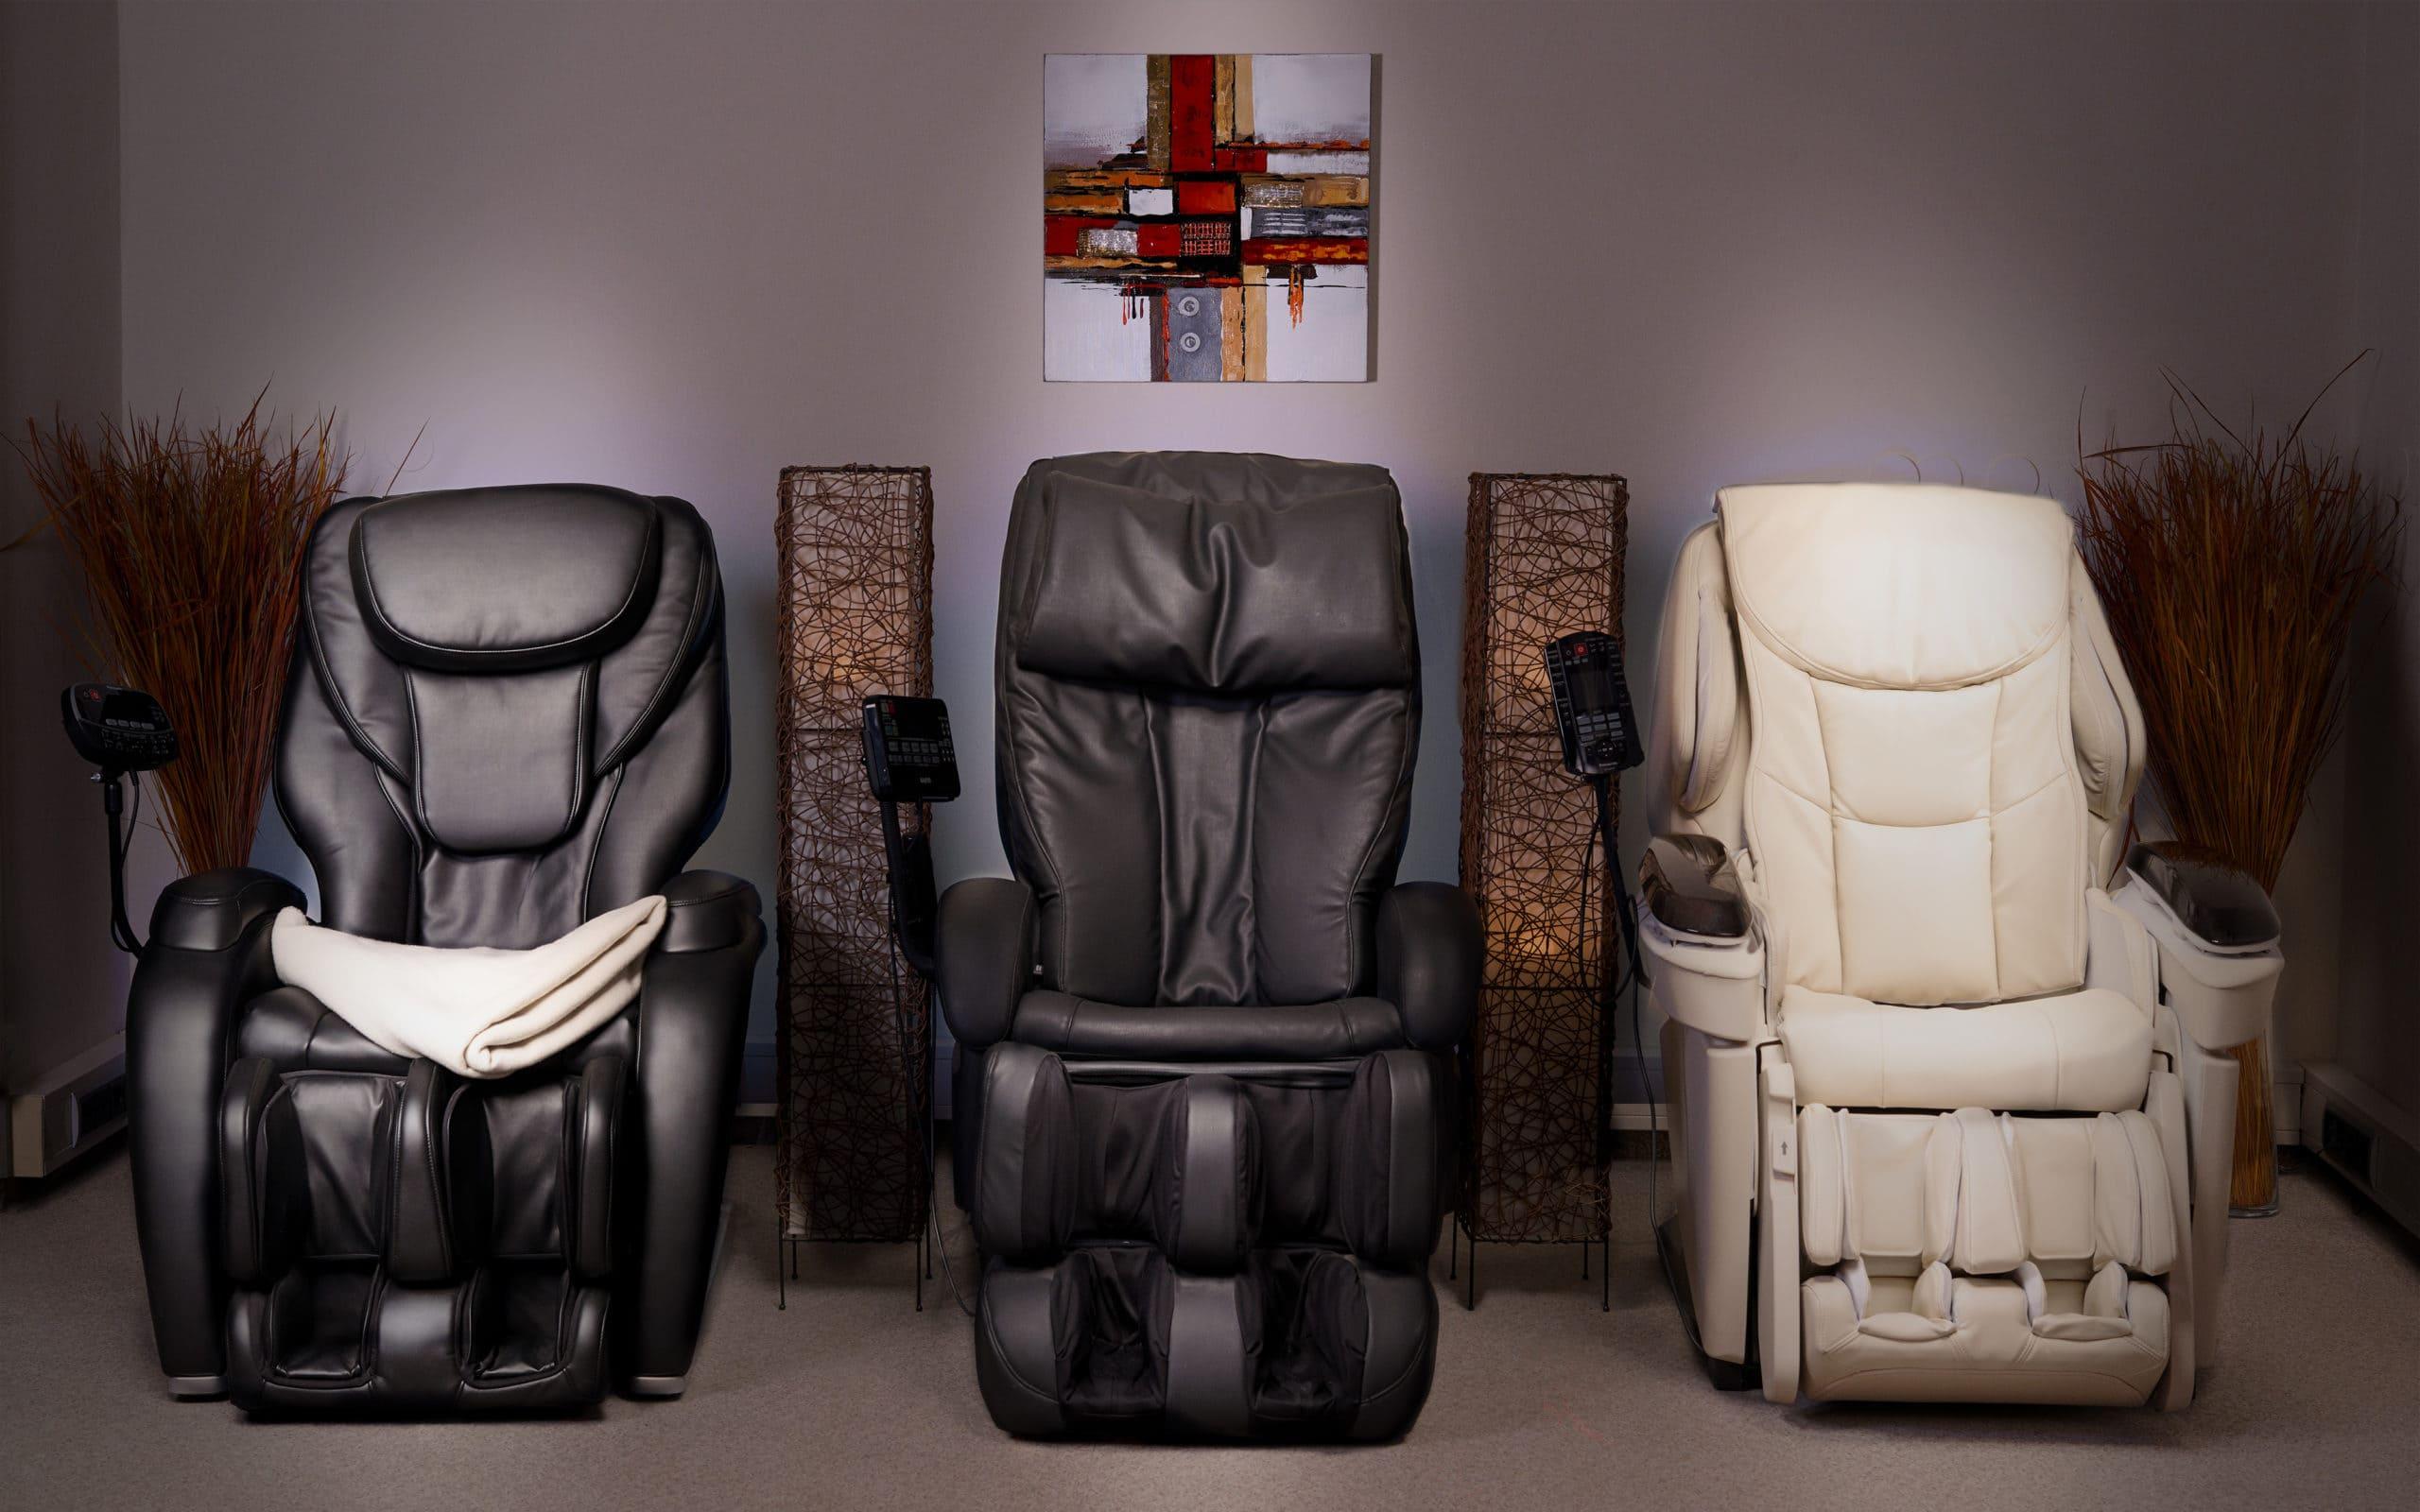 massagesessel Panasonic & Sanyo im Schauraum von massagesessel.at